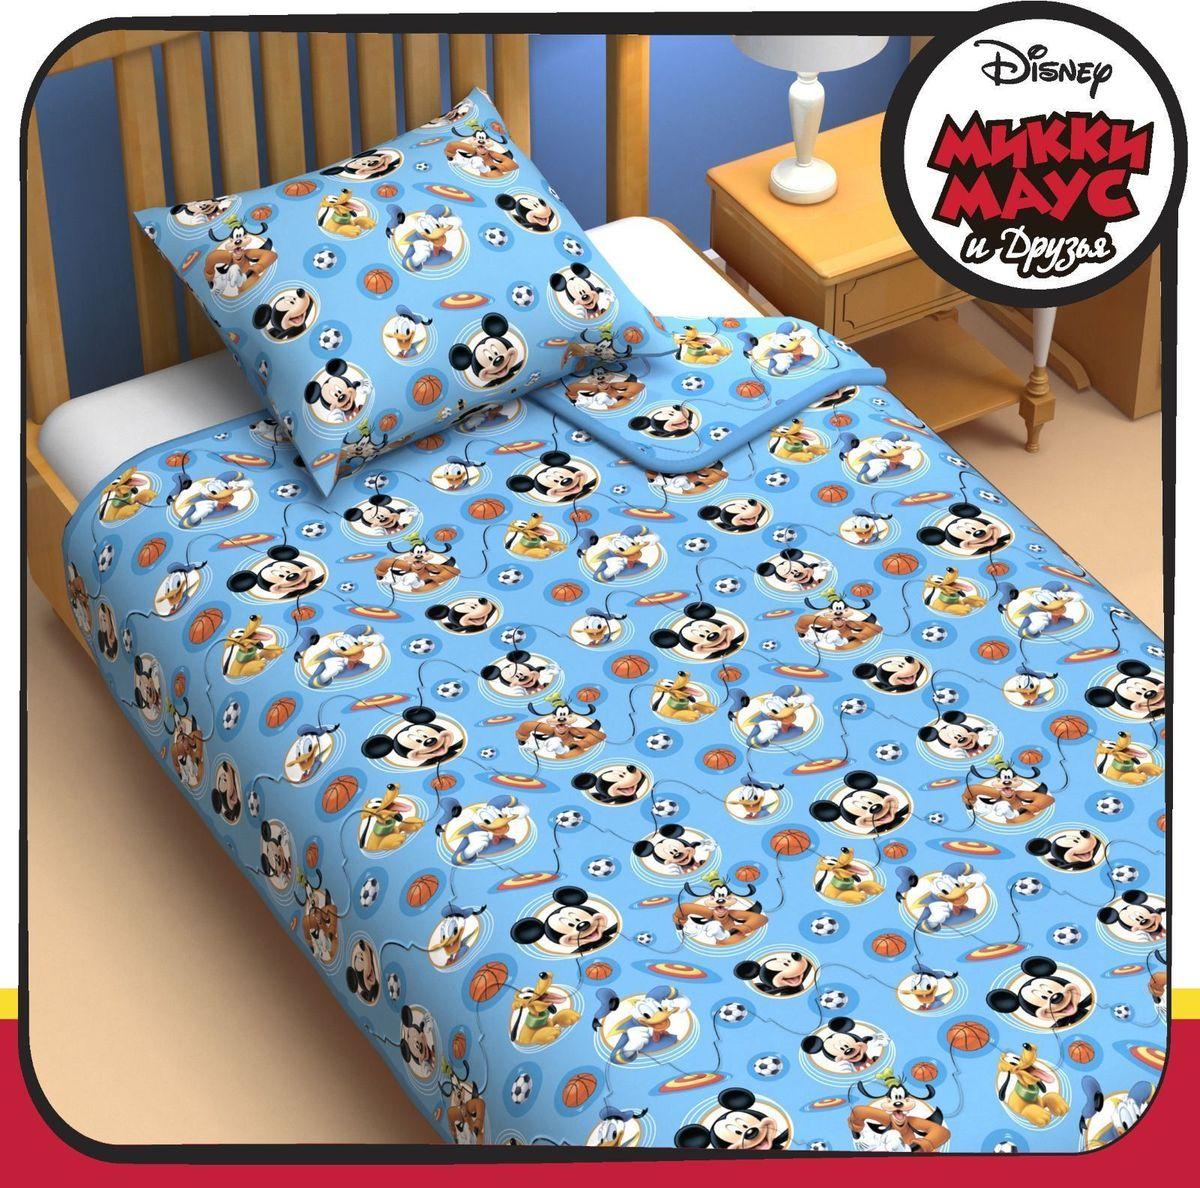 Disney Одеяло 1,5 спальное Микки Маус и его друзья 140 х 205 см 11531651153165Сказочные сны с любимыми героями Disney. Маленький любитель мультфильмов Disney будет в восторге от этого яркого одеяла ! Оно подарит крохе захватывающие сны и по-настоящему доброе утро.Почему? Потому что одеяло изготовлено в России на современном оборудовании, а при нанесении рисунка использовались только качественные европейские красители.Над дизайном работала команда настоящих мастеров своего дела: очаровательные персонажи мультфильмов, детально проработанная картинка, гармоничное сочетание цветов — всё это результат их кропотливой работы.В качестве наполнителя для изделия используется файбер — практичный, безопасный и мягкий материал. Именно поэтому одеяло:поддерживает комфортную температуру тела во время сна;не способствует появлению аллергии и раздражения;позволяет коже дышать и впитывает влагу;хорошо переносит многочисленные стирки, сохраняя первоначальную форму и внешний вид;Чехол выполнен из поплина — прочной, невероятно приятной на ощупь хлопковой ткани, которая хорошо поддаётся окрашиванию и также позволяет коже дышать.Состав:Чехол: хлопок 100 %, поплин 125 г/м?.Наполнитель: файбер 200 г/м?. Рекомендации по уходу за изделием: стирайте при температуре не выше 40 °C без использования отбеливателей. Сушите в горизонтальном положении.